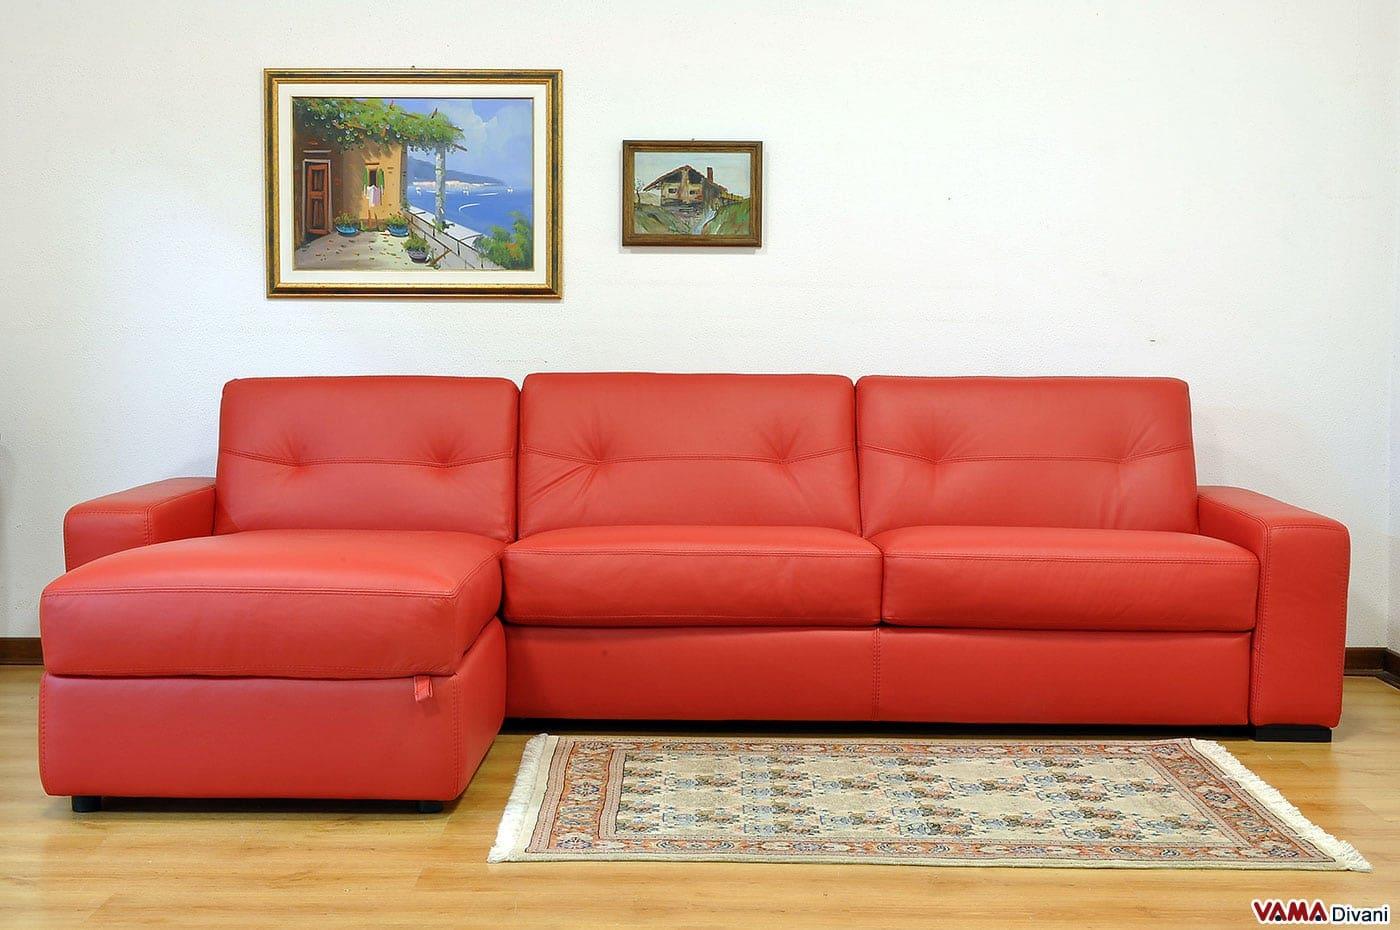 Divano letto con penisola contenitore vama divani - Divano letto divani e divani ...